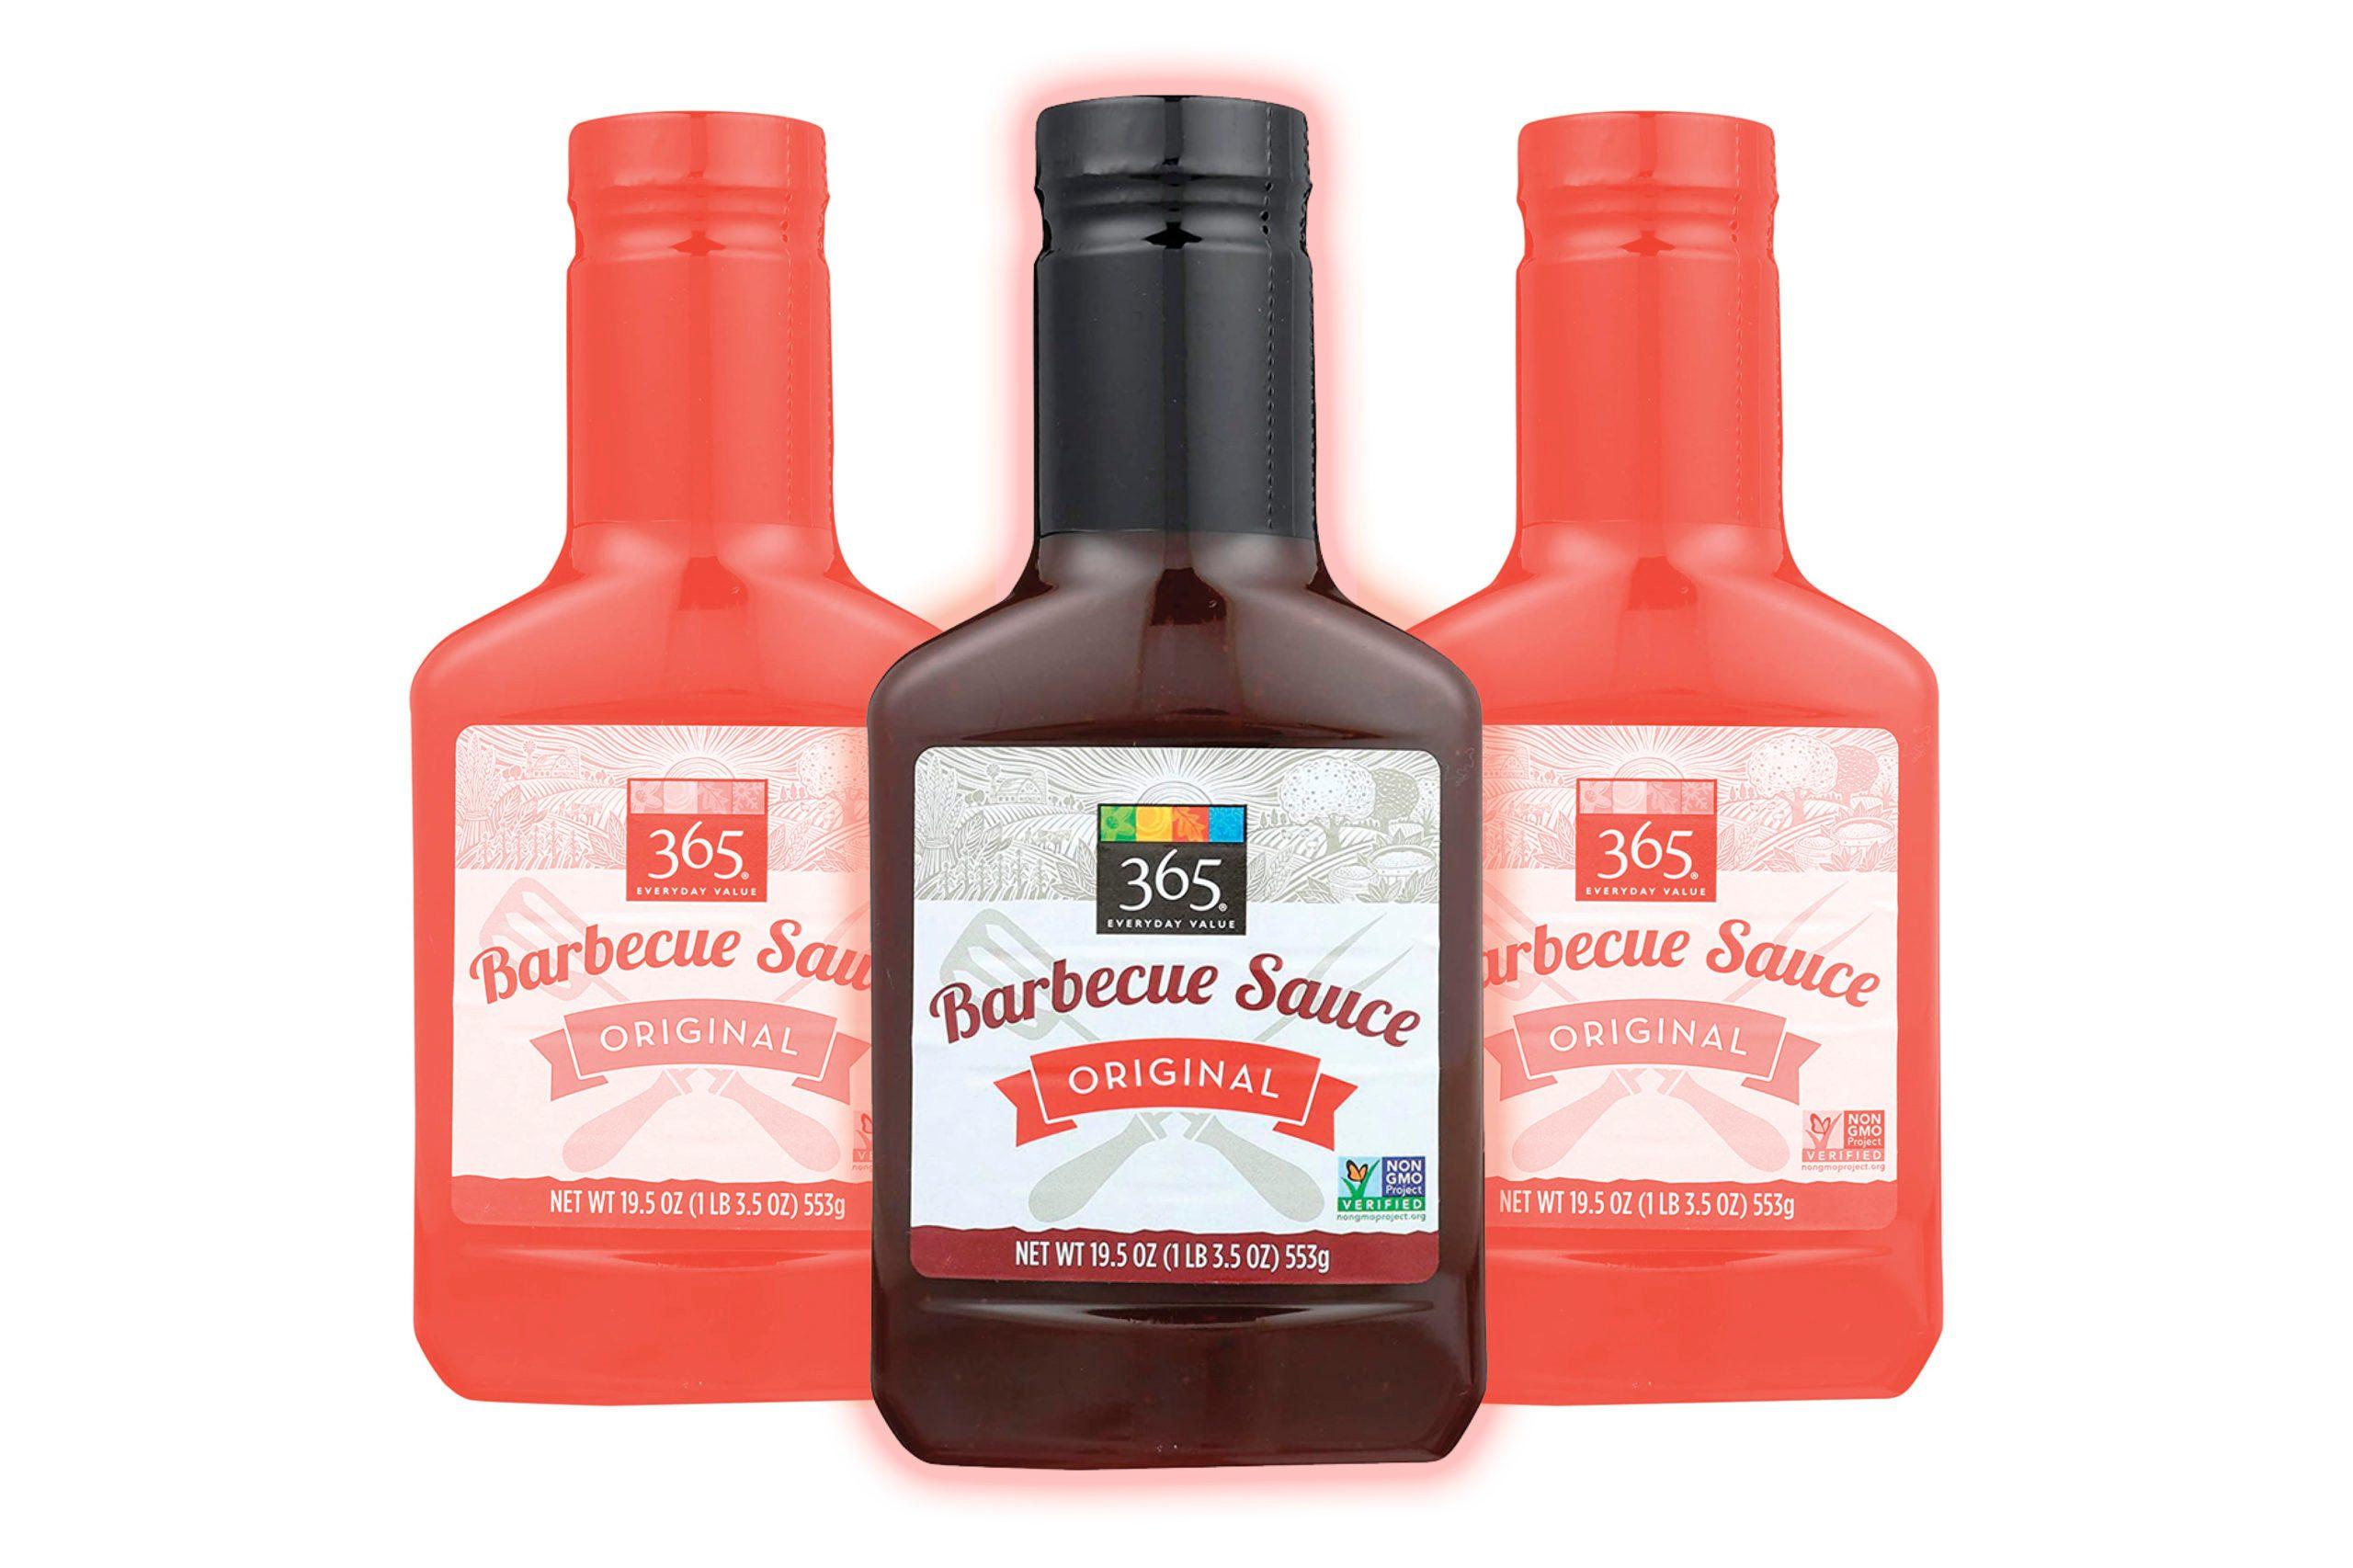 365 Everyday Value, Barbecue Sauce, Original, 19.5 oz